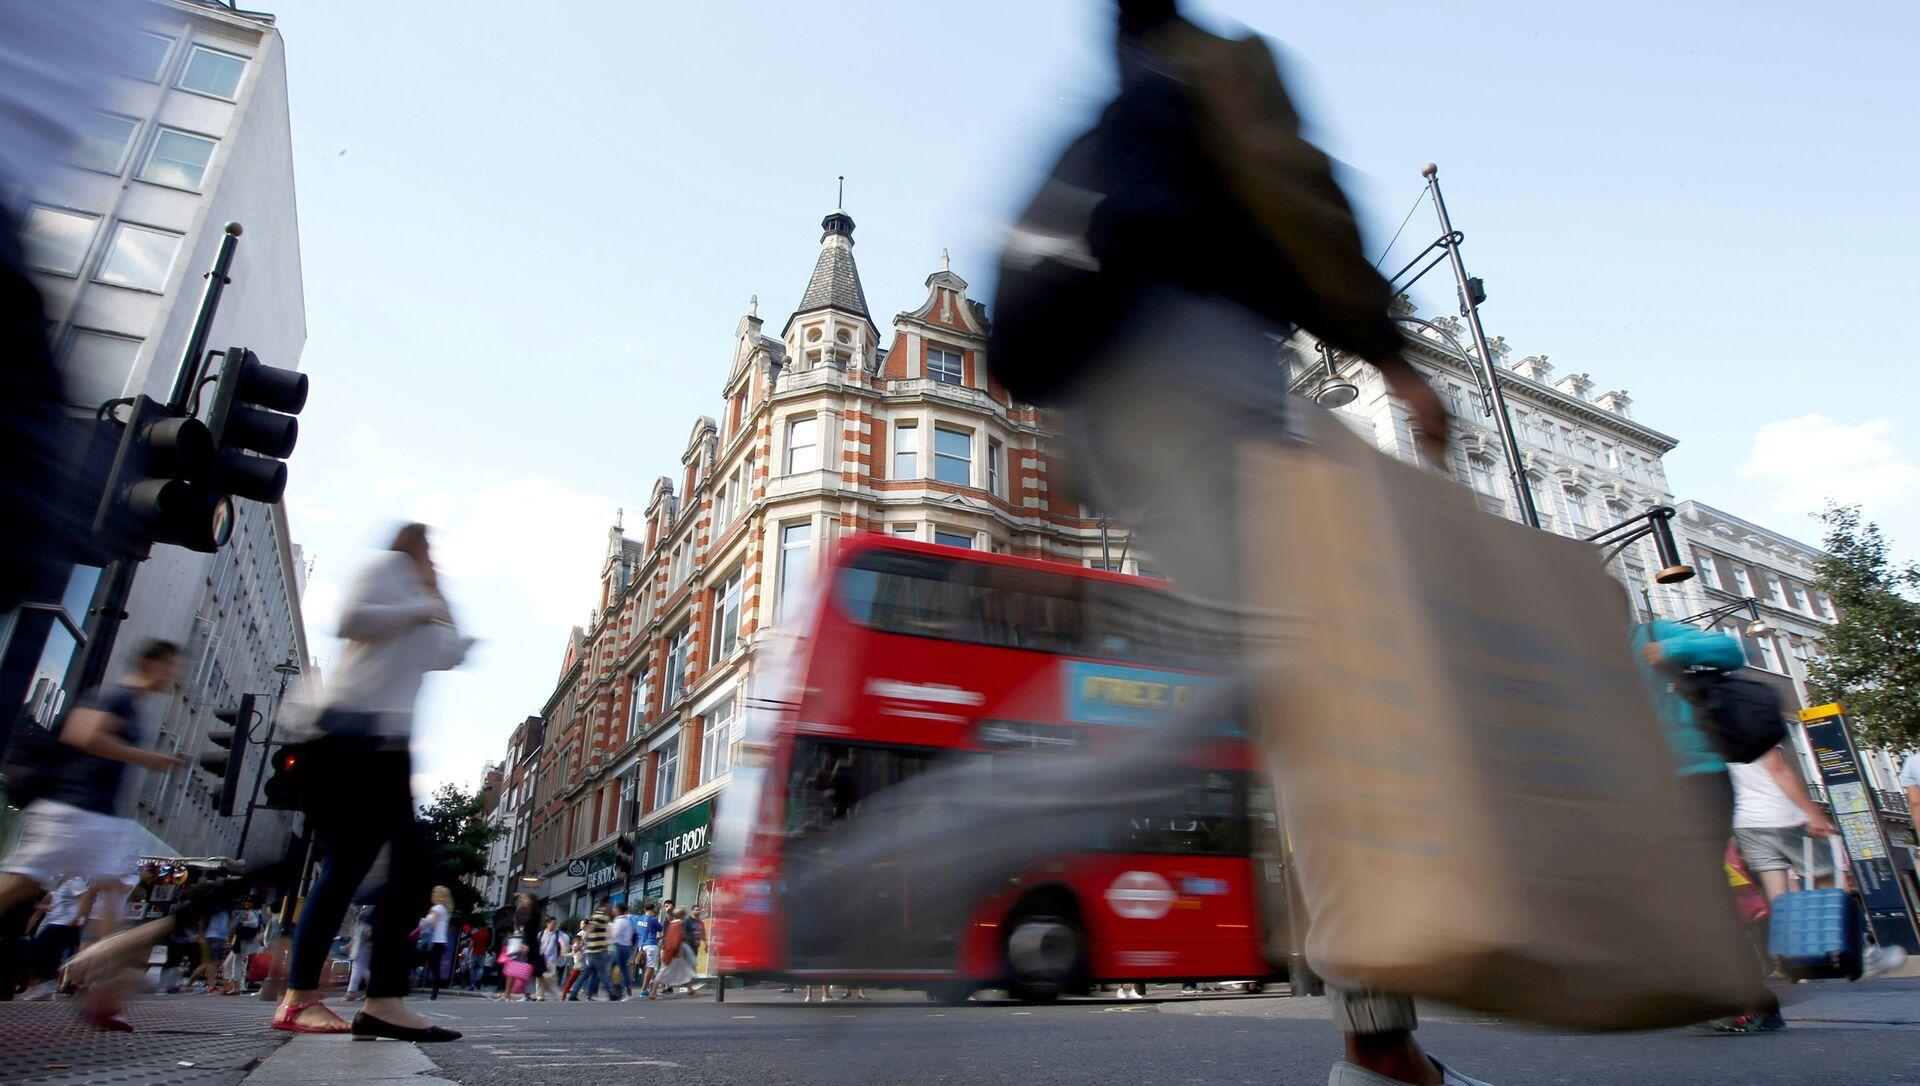 Shoppers cross the road in Oxford Street, in London, Britain (File) - Sputnik International, 1920, 11.08.2021